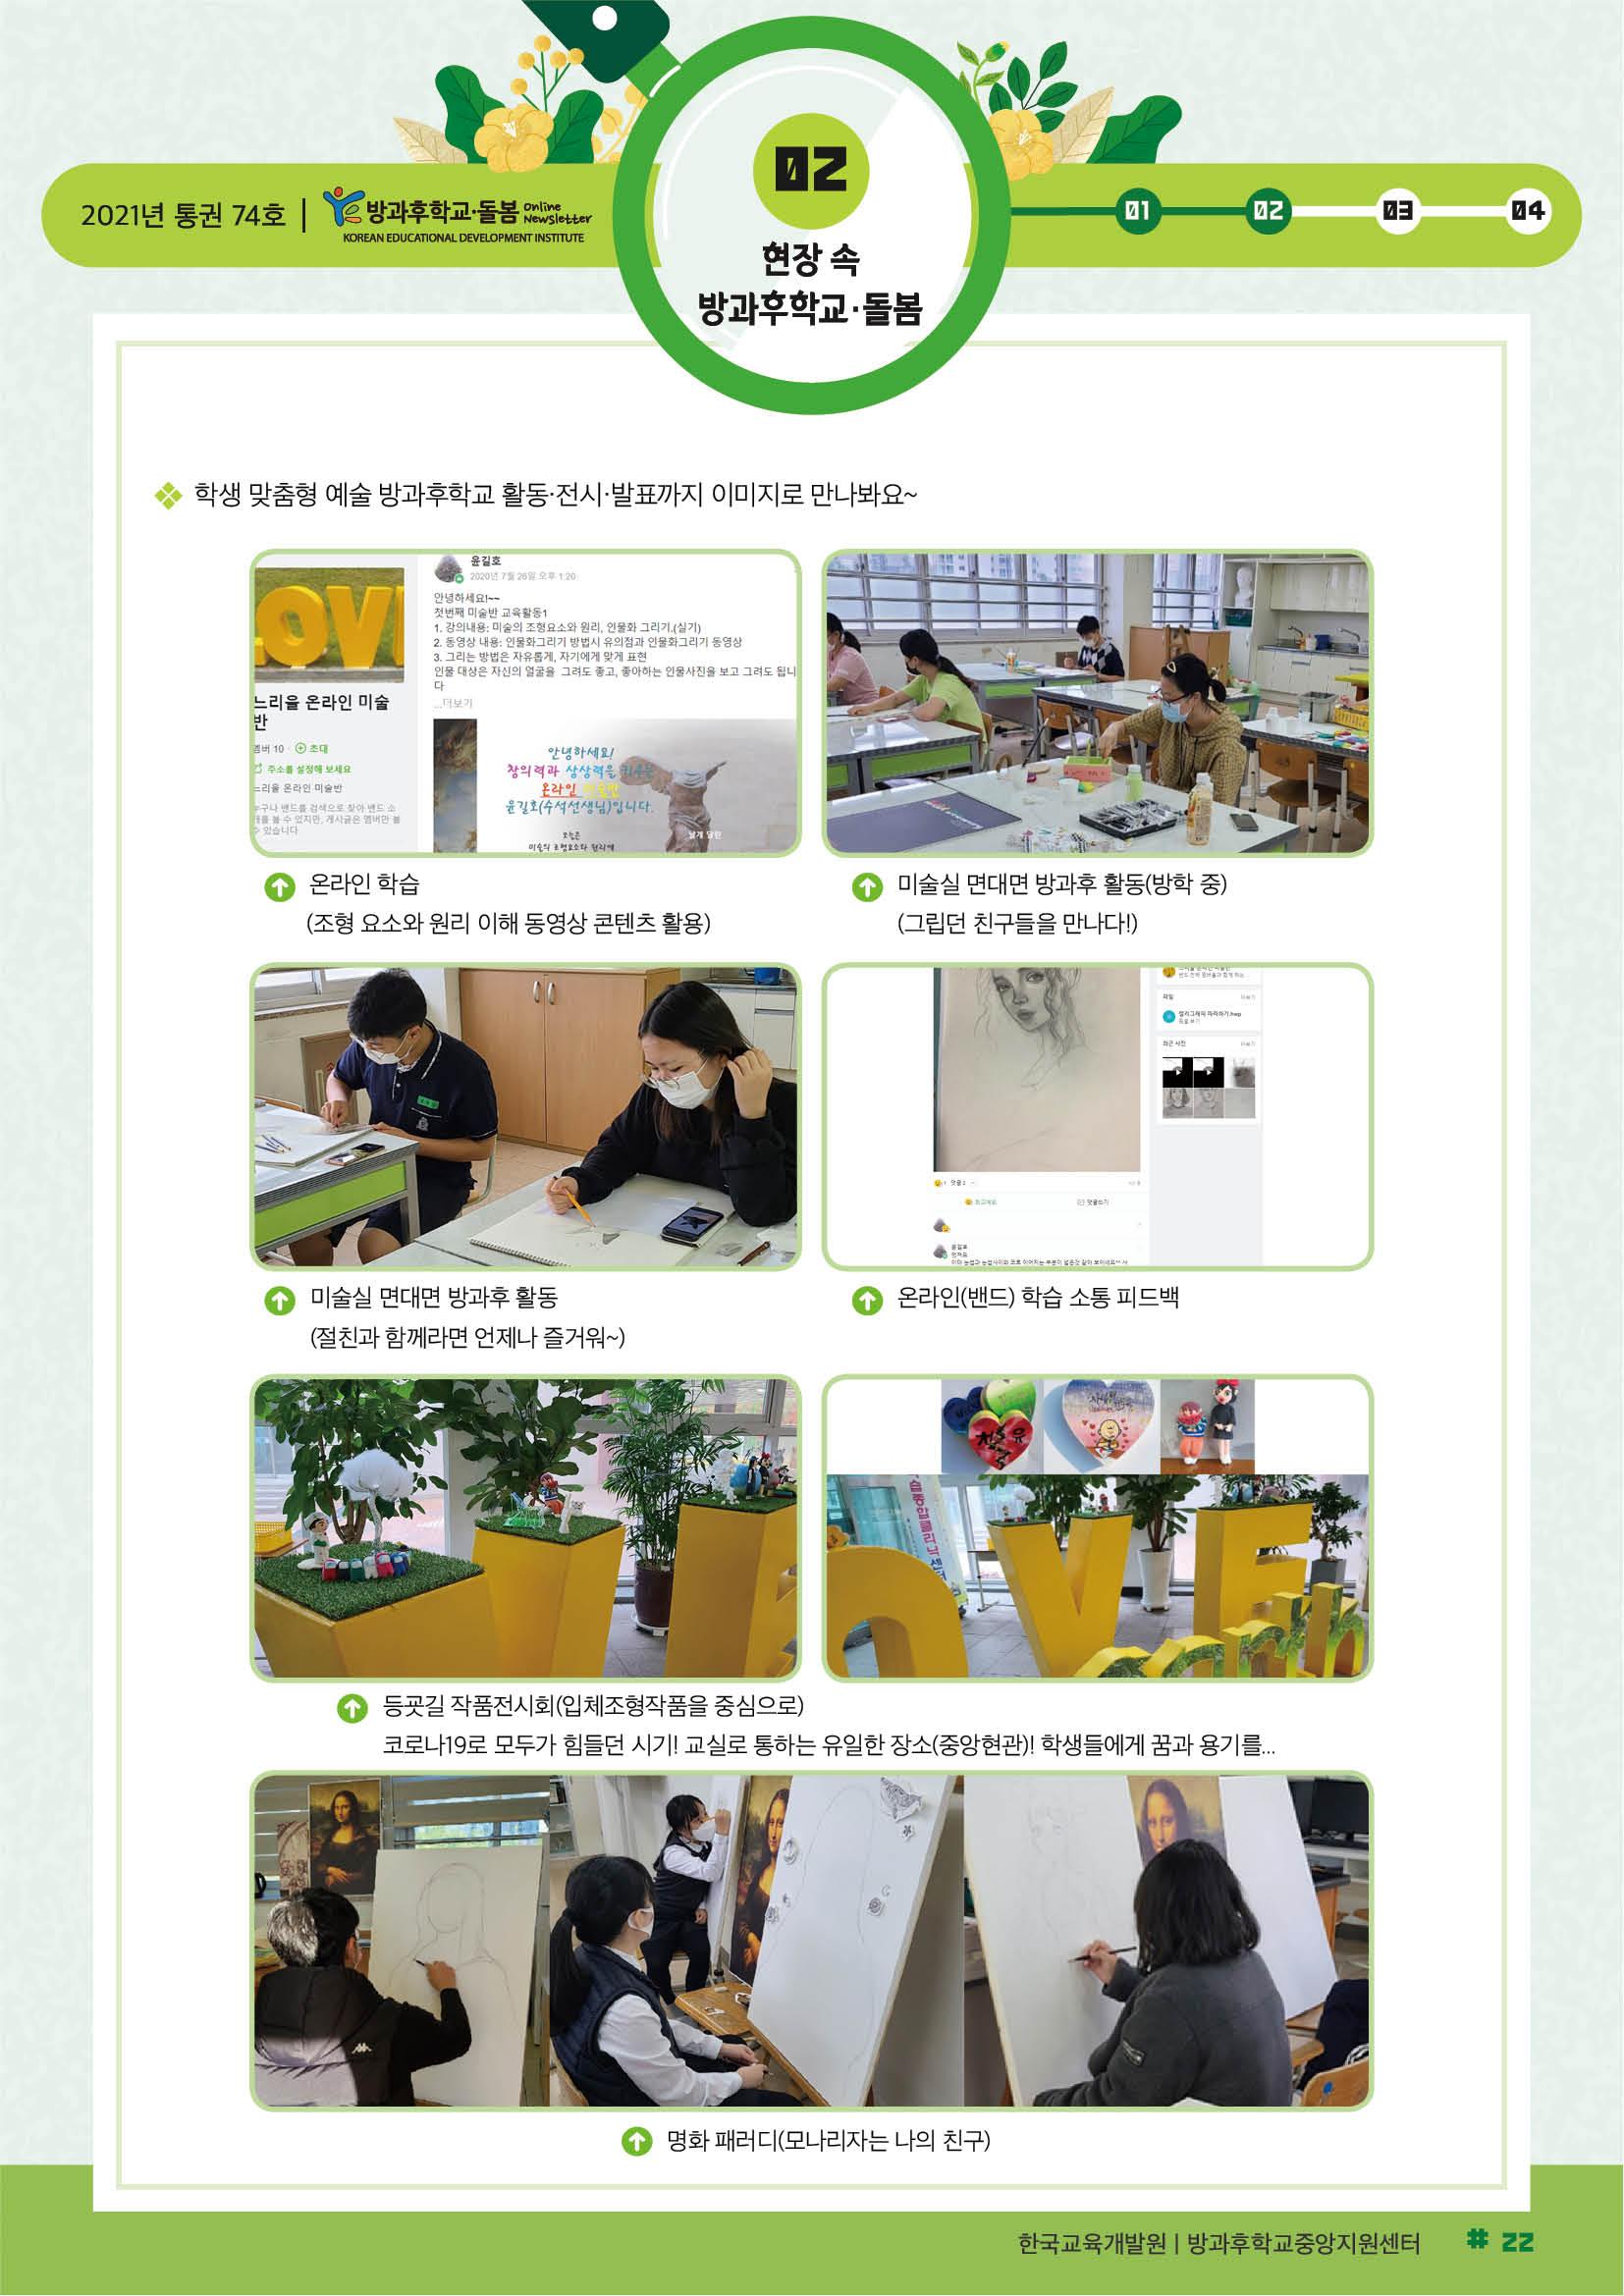 행복의 가치를 찾아가는 온·오프 블렌디드 예술 방과후학교